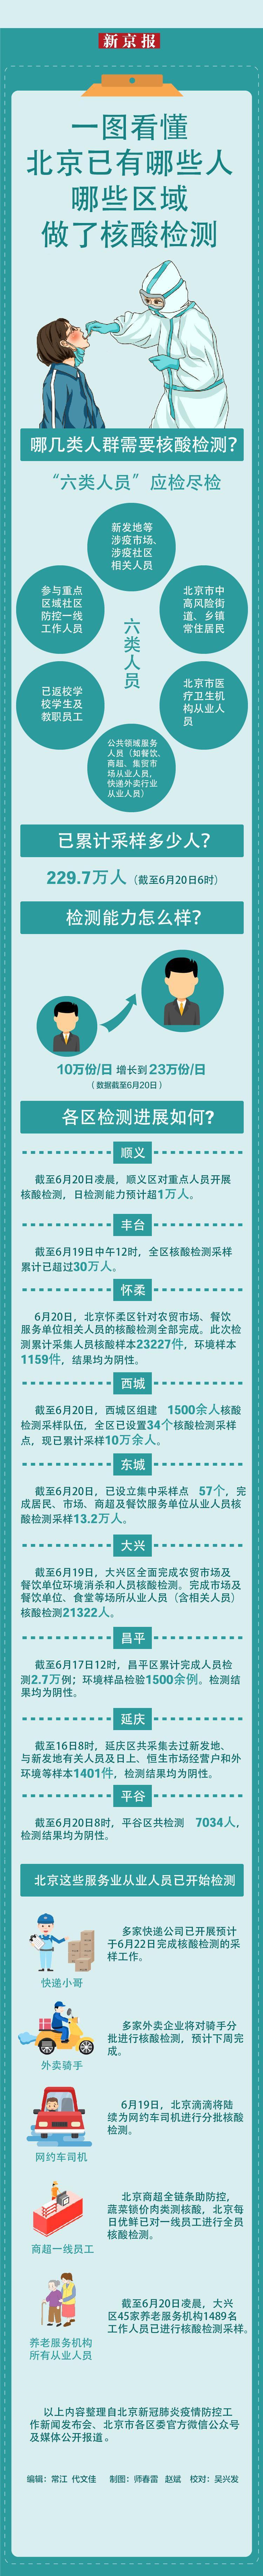 摩天登录:图看懂│北京哪些摩天登录人哪些区域图片